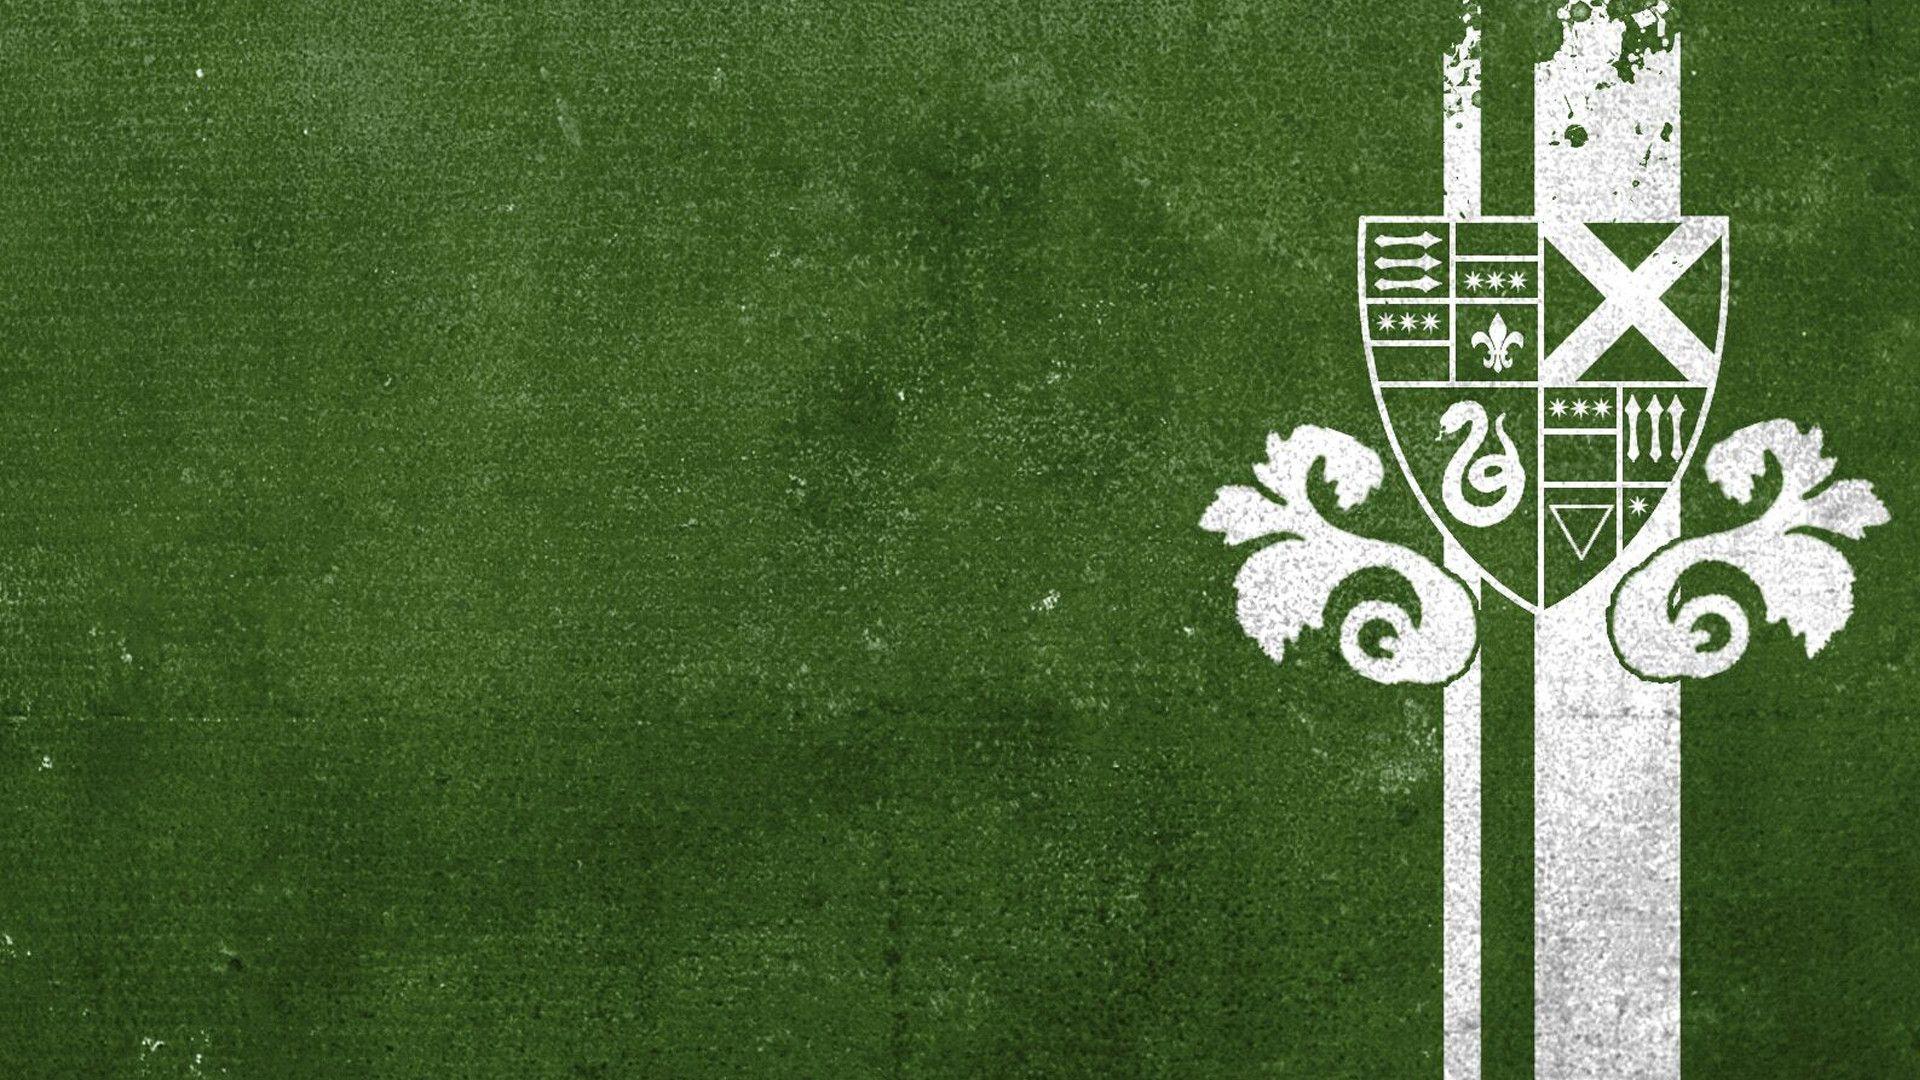 Imagem Relacionada Harry Potter Wallpaper Slytherin Wallpaper Hogwarts